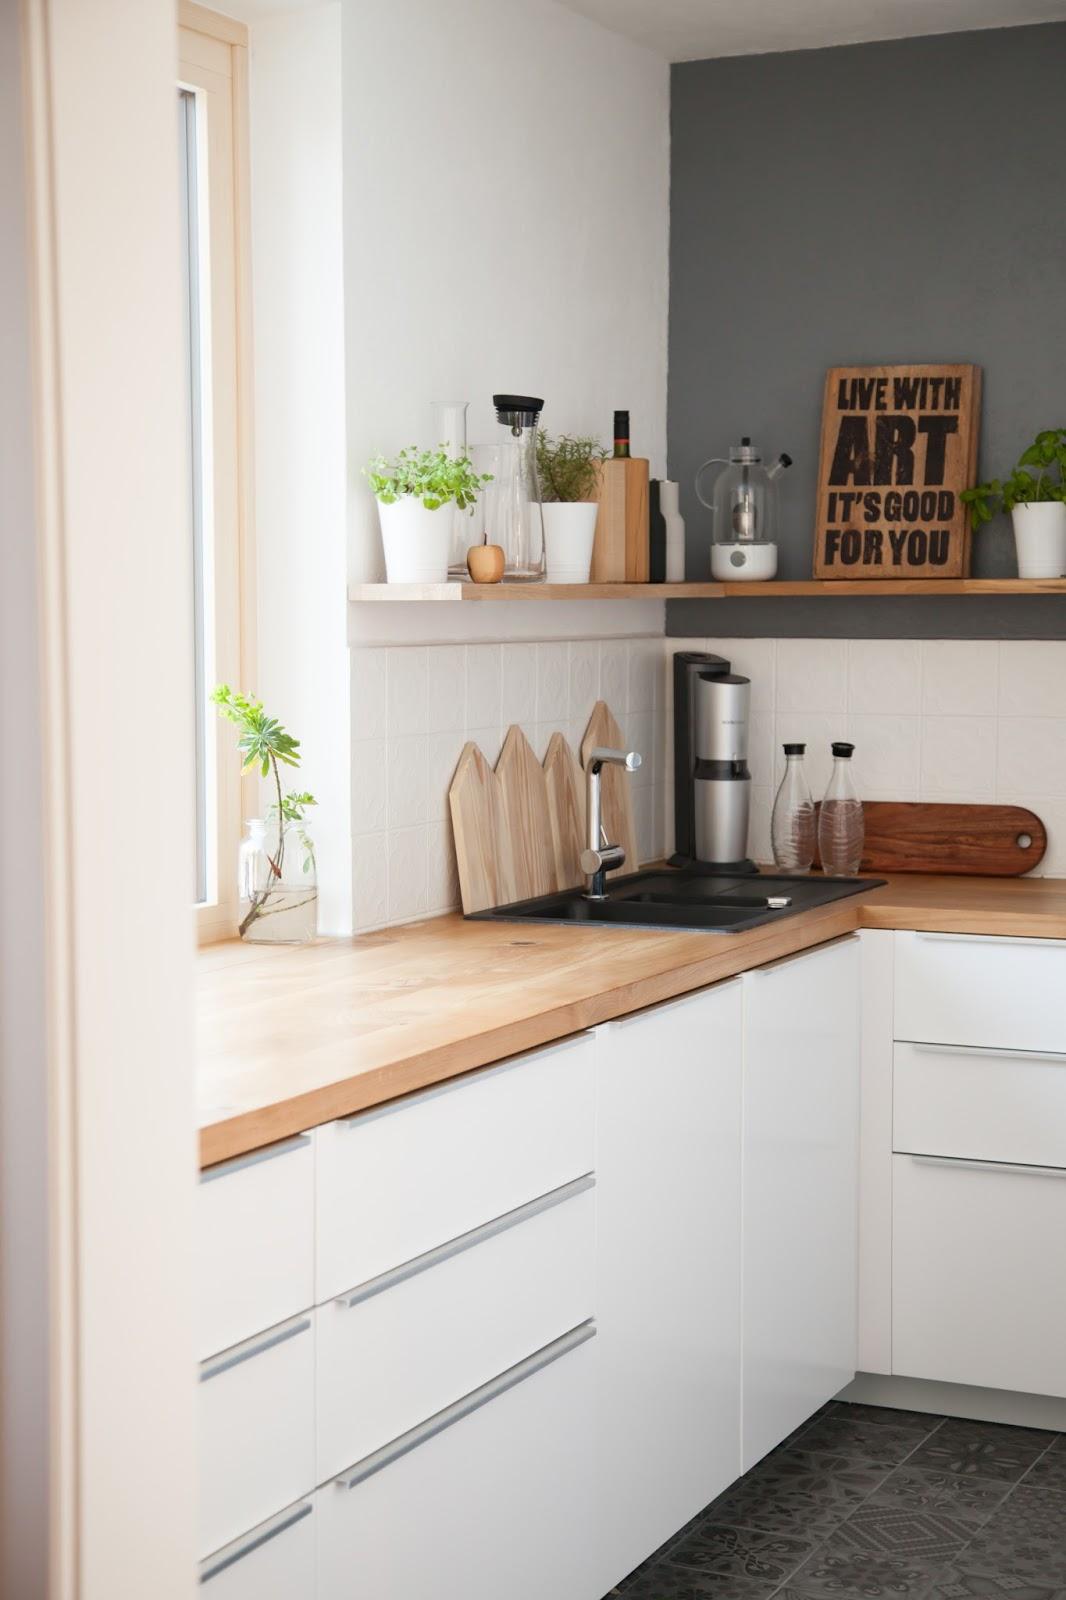 Full Size of Schmale Küche U Form Ikea Küche U Form Grifflose Küche U Form Küche U Form Weiß Hochglanz Küche Küche U Form